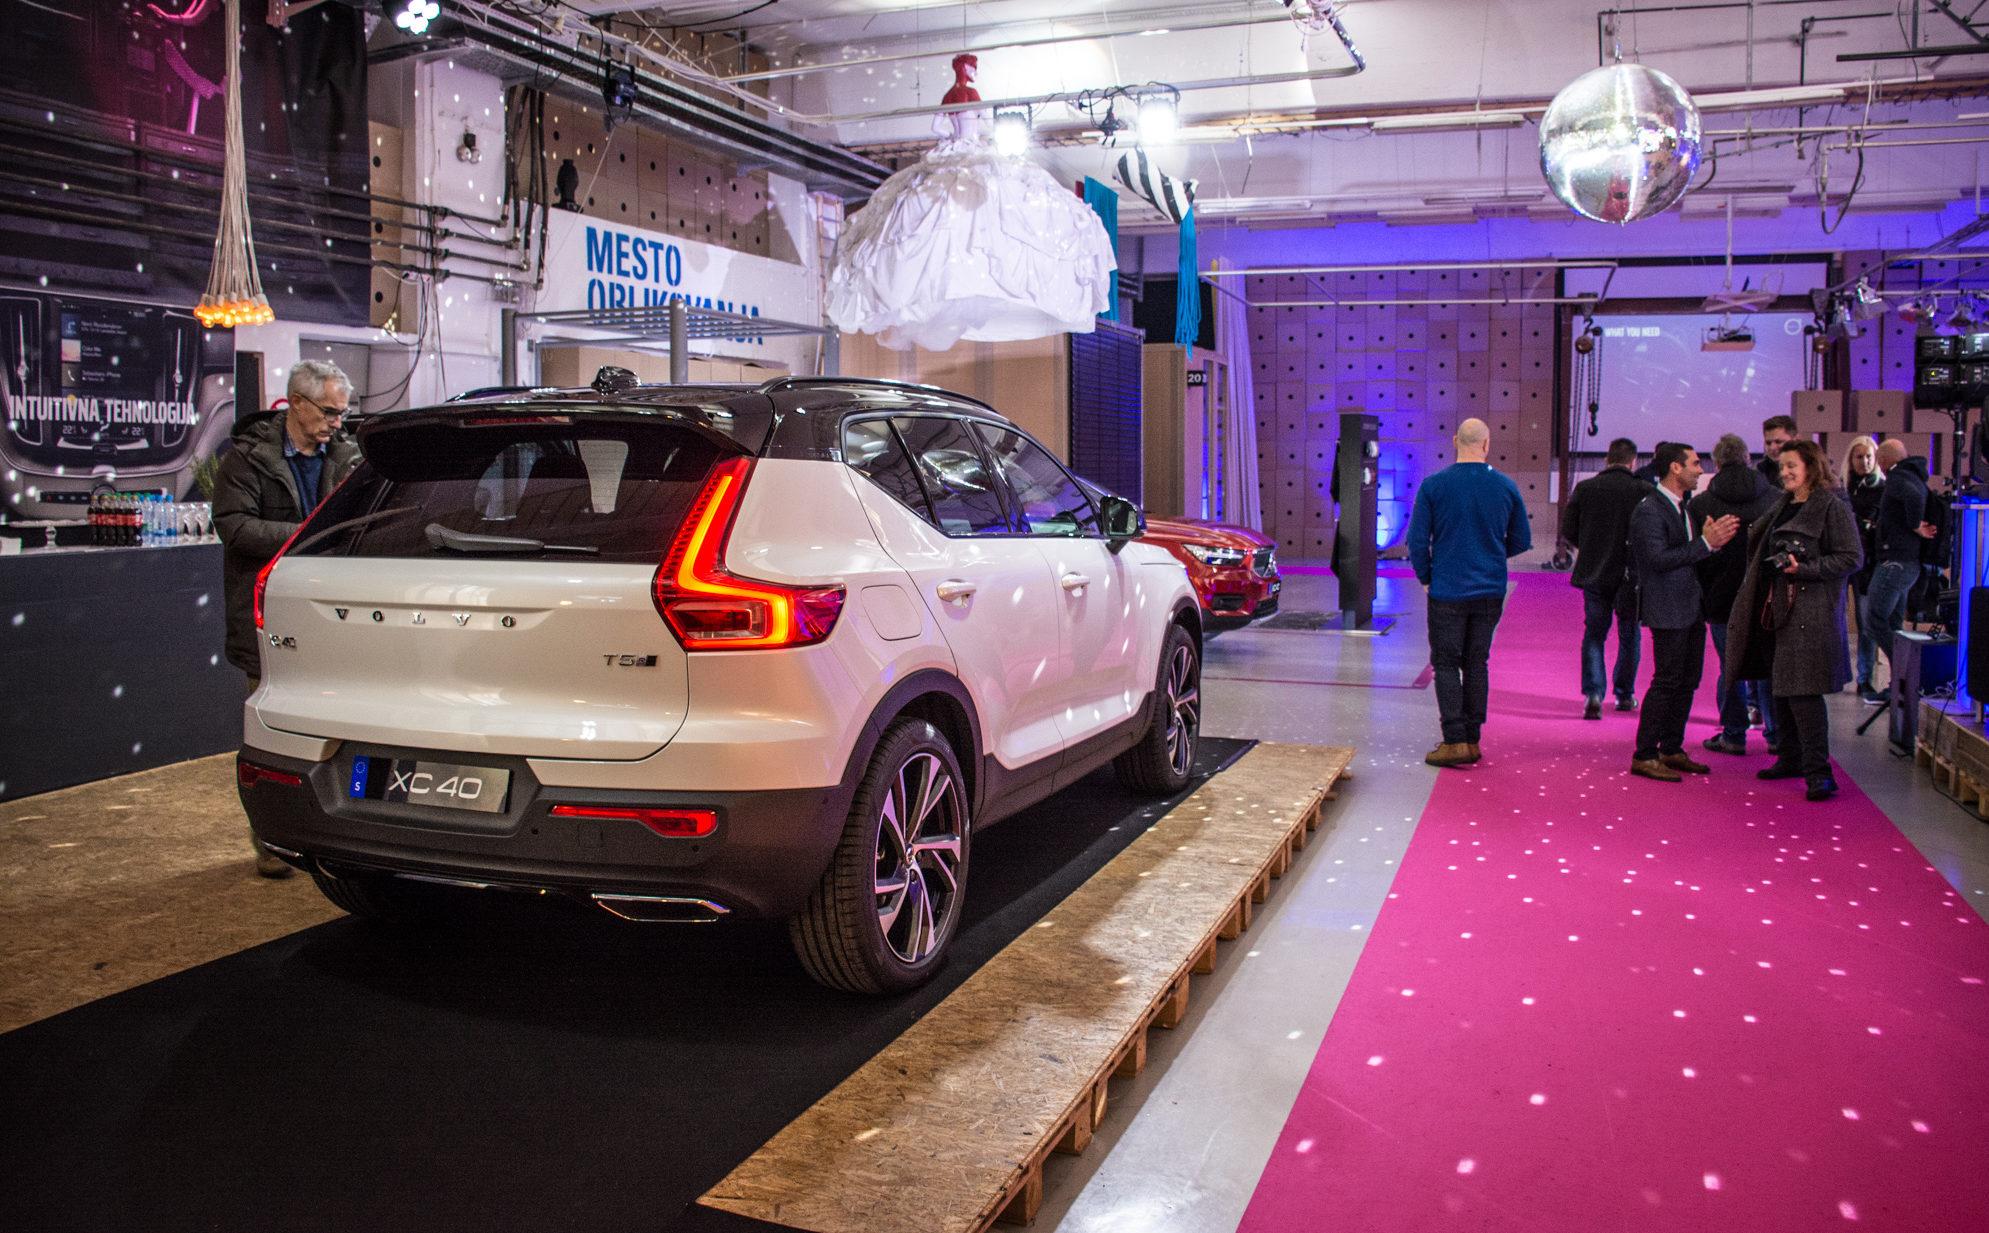 Novo doma: Volvo XC 40 (stilsko dovršeni baby crossover)